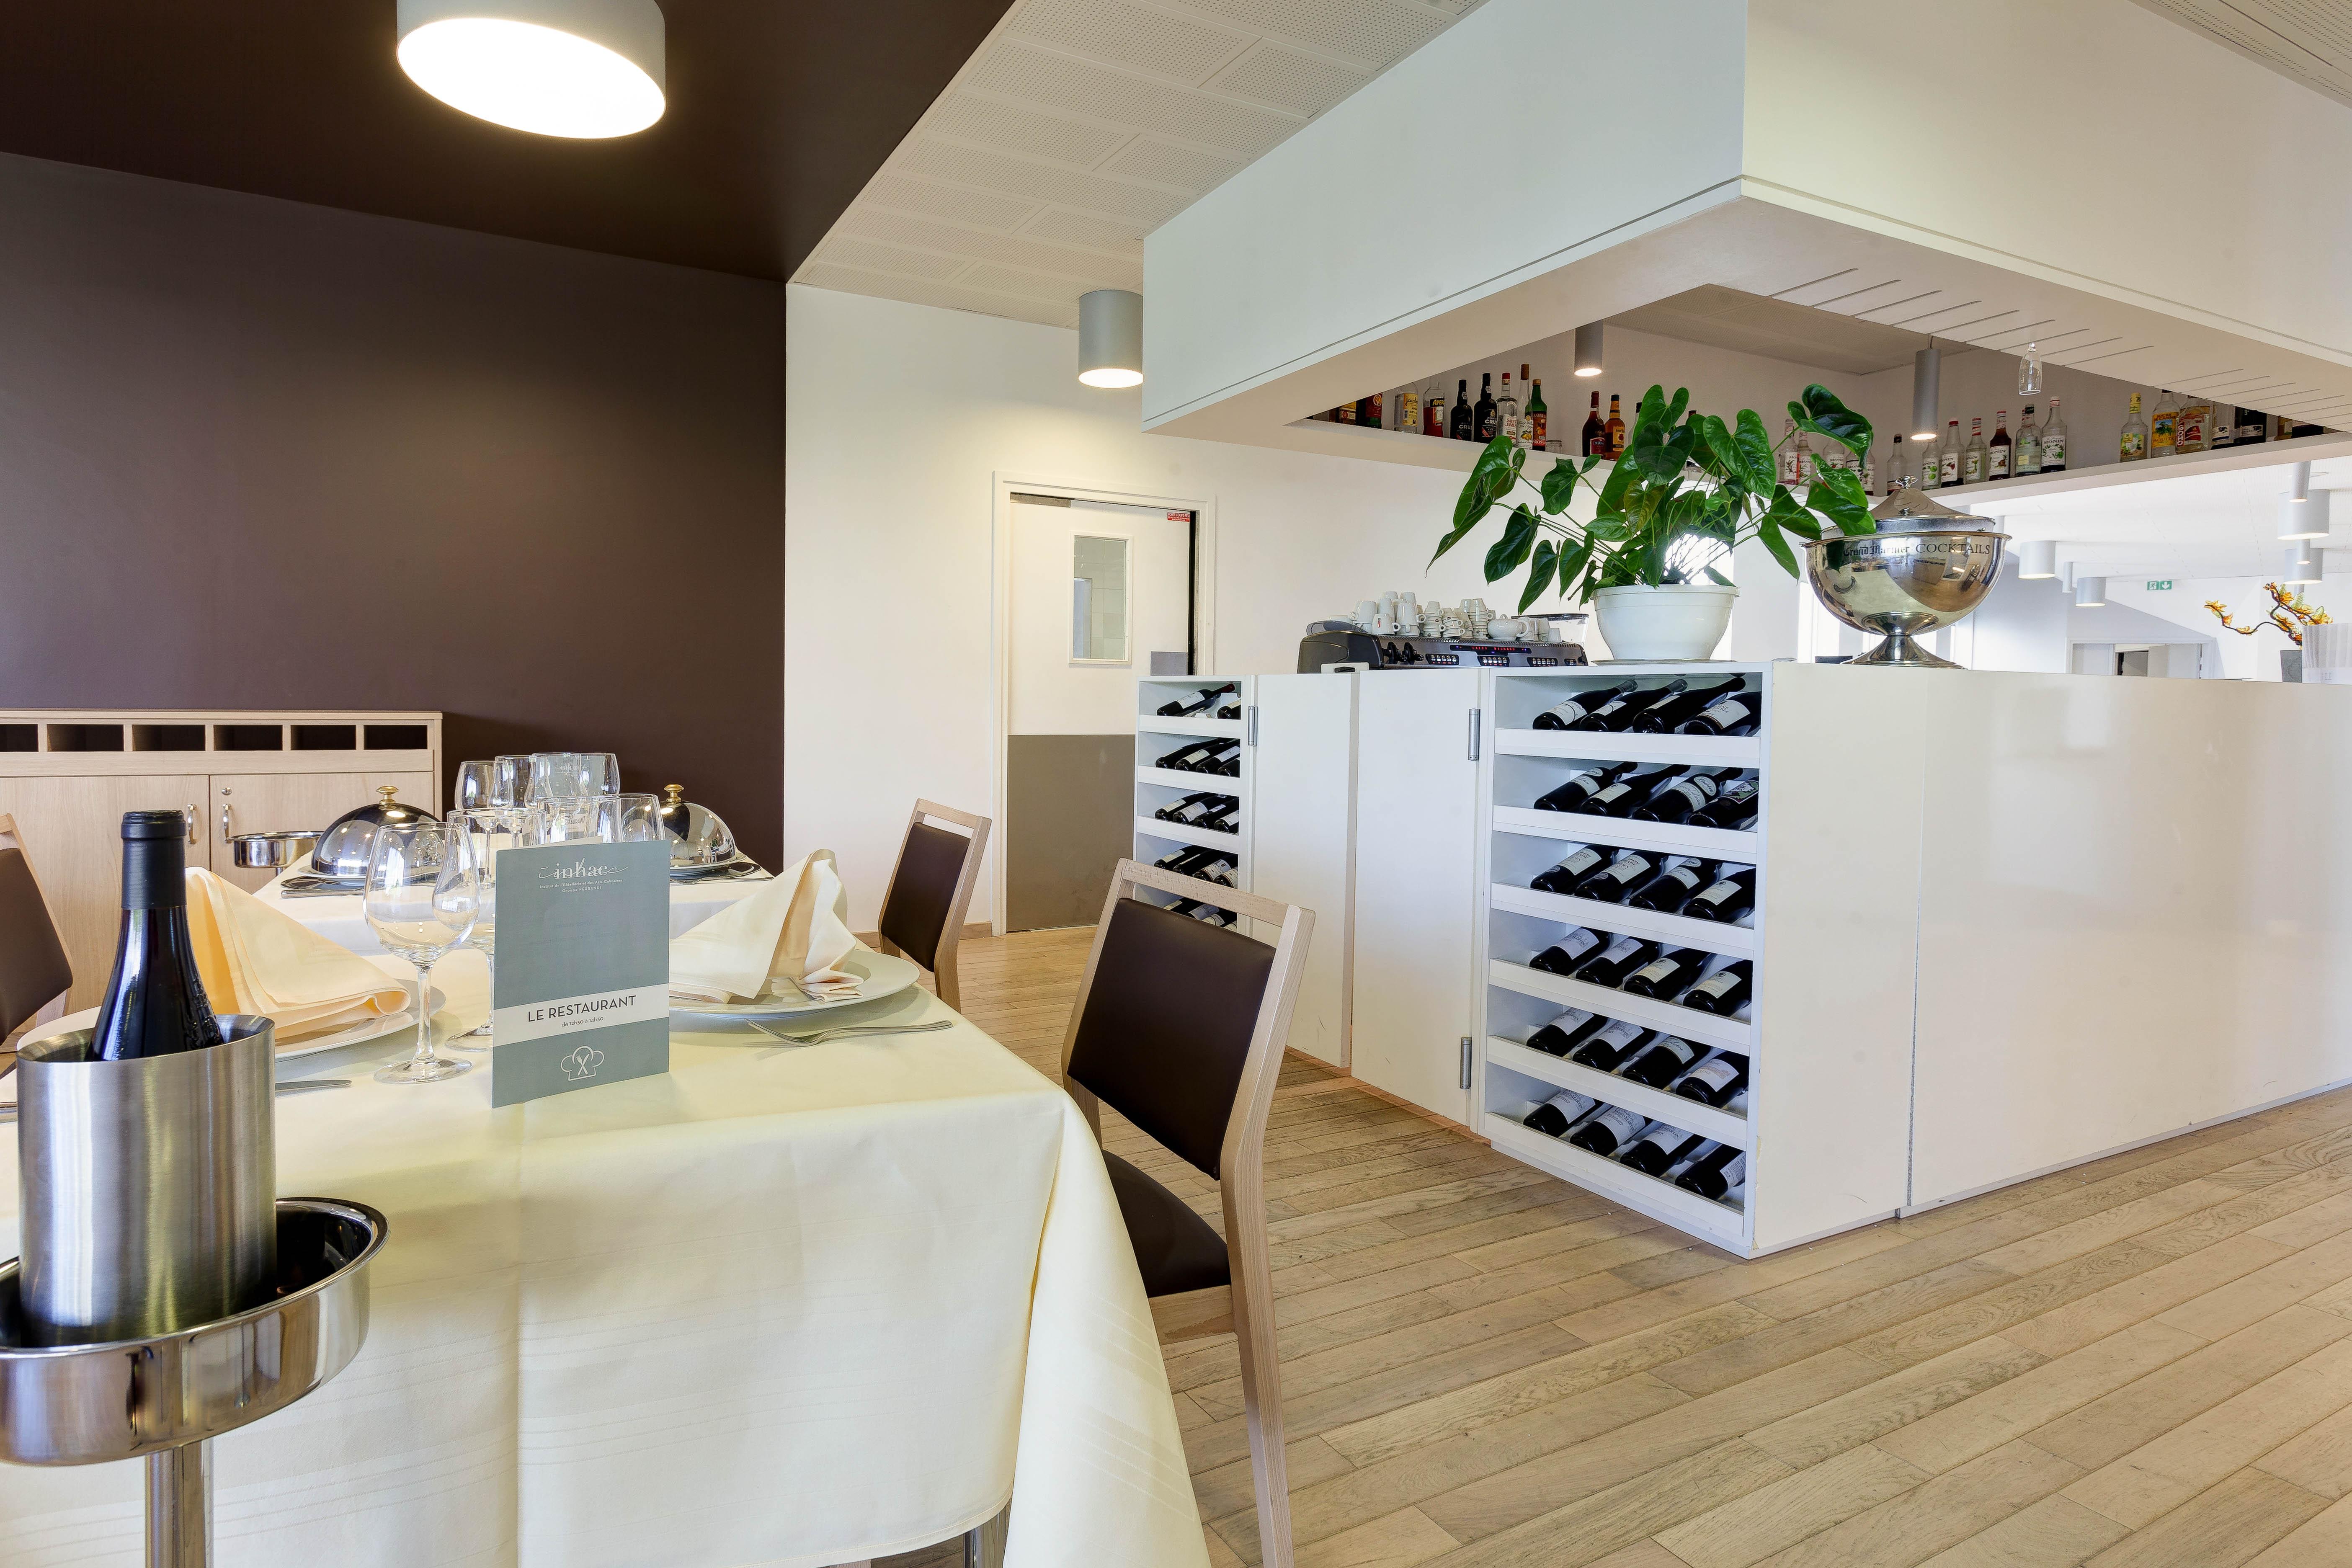 Bon plan un restaurant p dagogique saint gratien inhac groupe ferrandi - Cuisine pedagogique ...